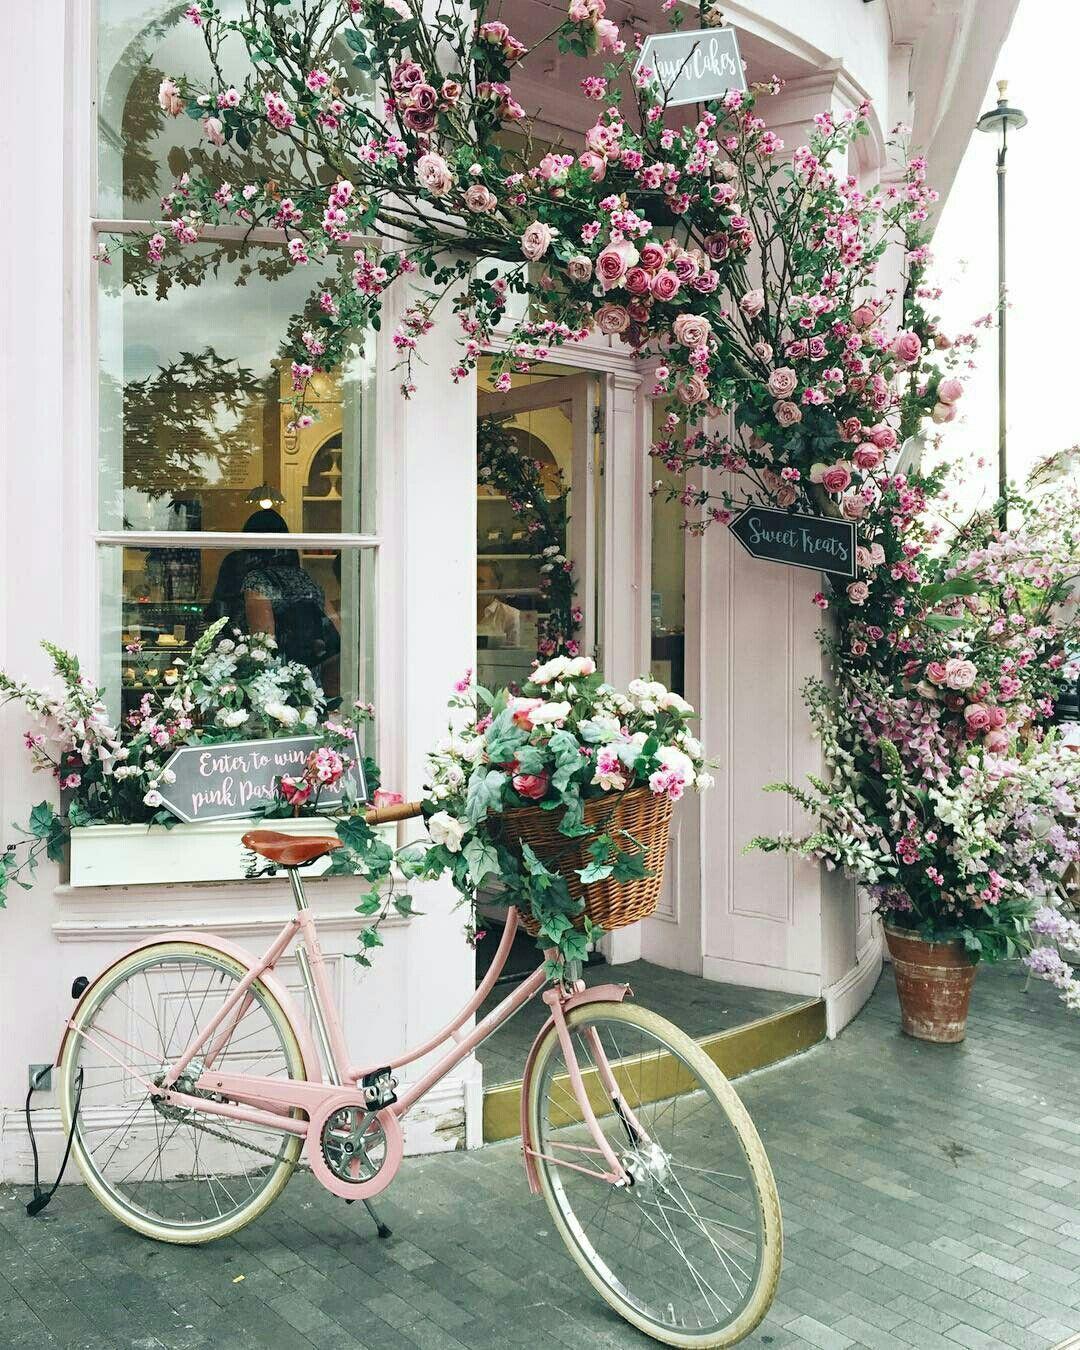 Чикано стиль цветы